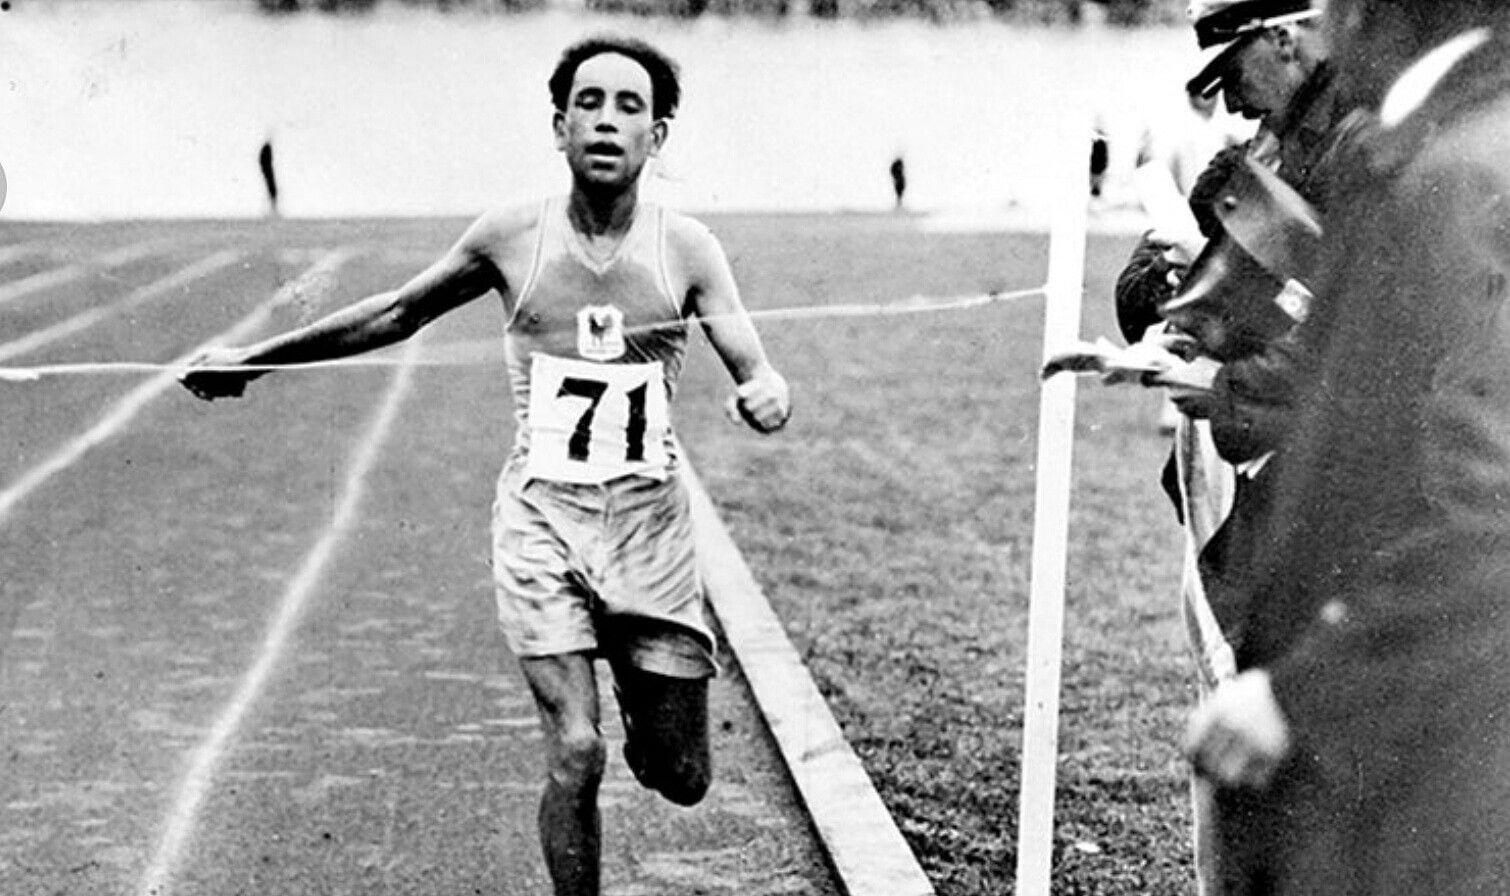 Épinglé par AHMED BOUGHERA EL OUAFI sur AHMED BOUGHERA EL OUAFI CHAMPION OLYMPIQUE | Champion olympique, Olympique, Champions